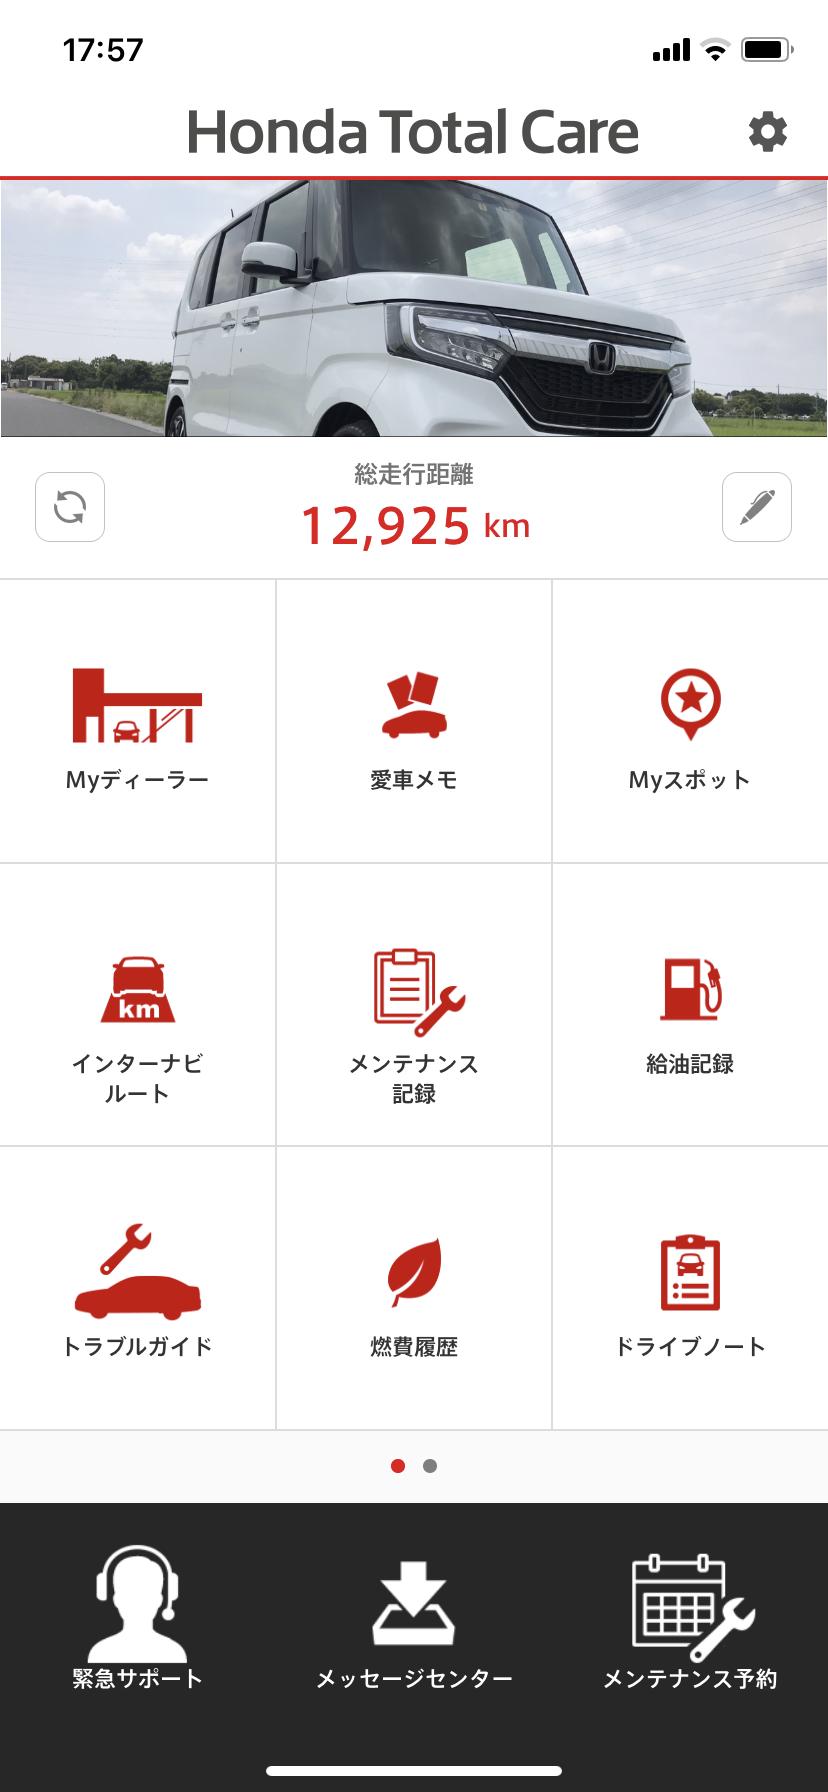 iPhone「iOS14」アップデートで「Honda Total Careアプリ」が正常に使えなくなる可能性あり。まだ更新は控えましょう^^;